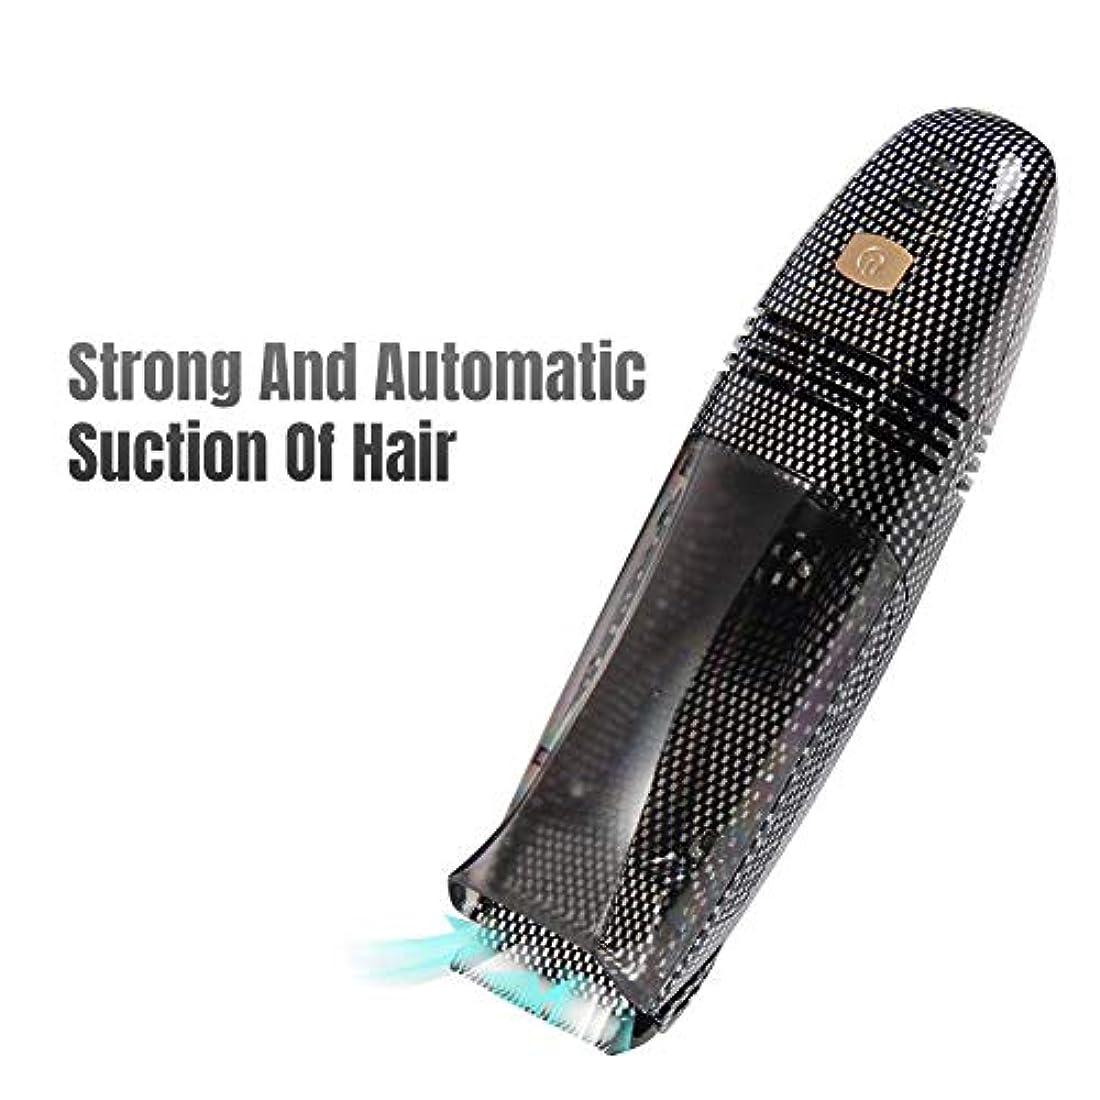 無一文居眠りする無能キッズヘアクリッパー自動吸入毛髪機能防水静かなヘアクリッパー充電式プロフェッショナルヘアクリッパー